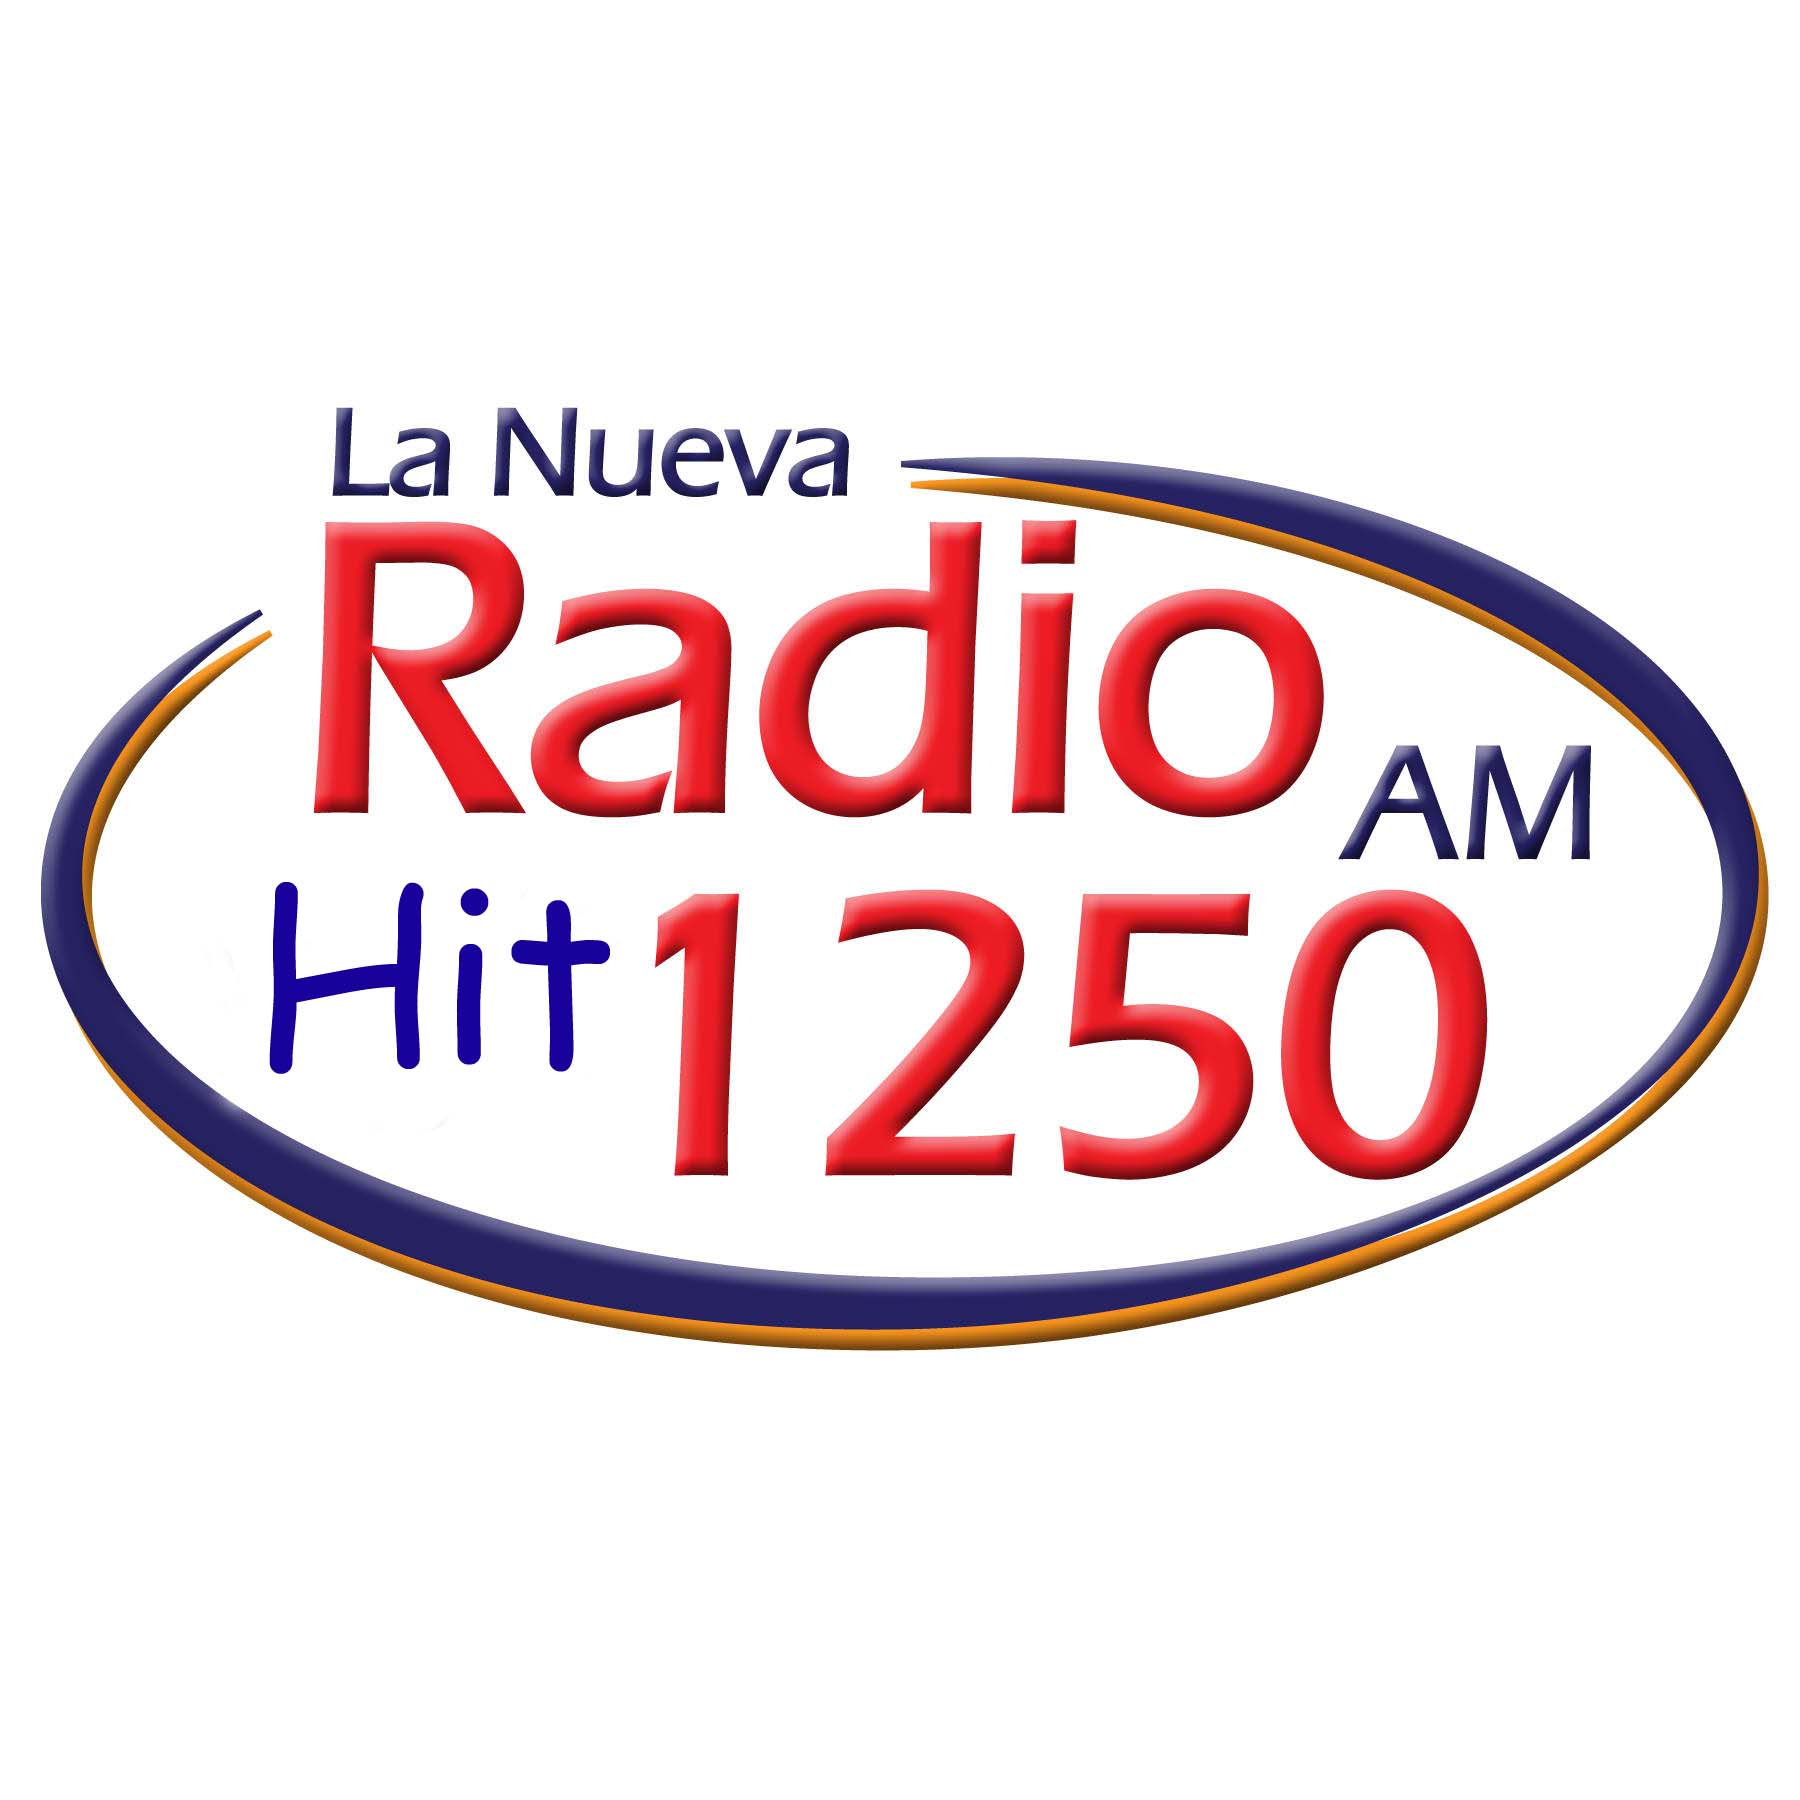 radio-hit-1250 online